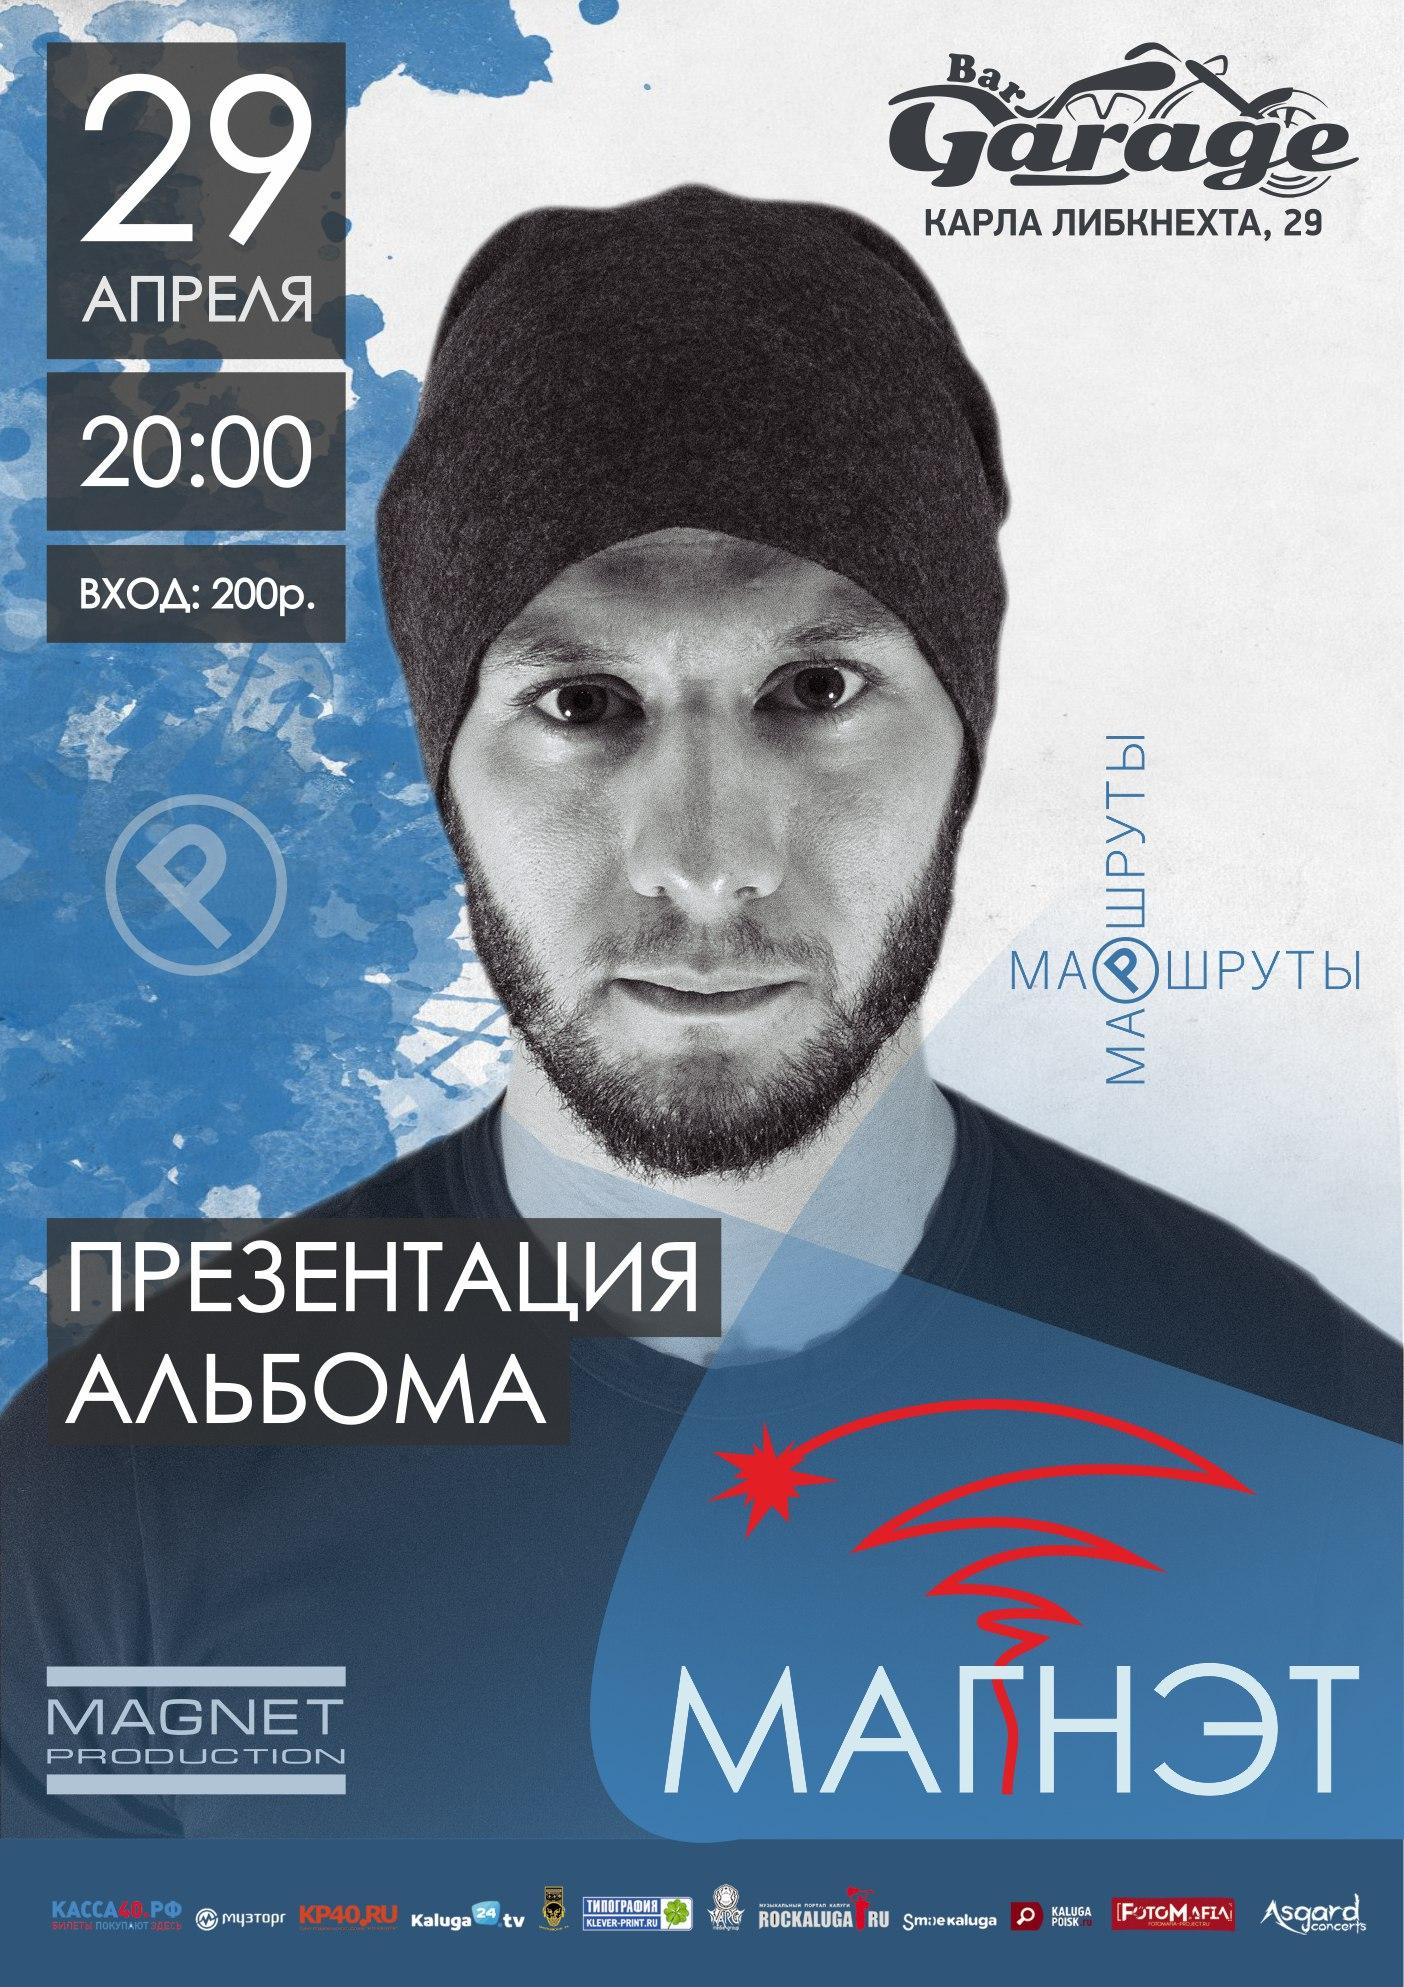 Концерт Дмитрия Волченкова (Магнэт)